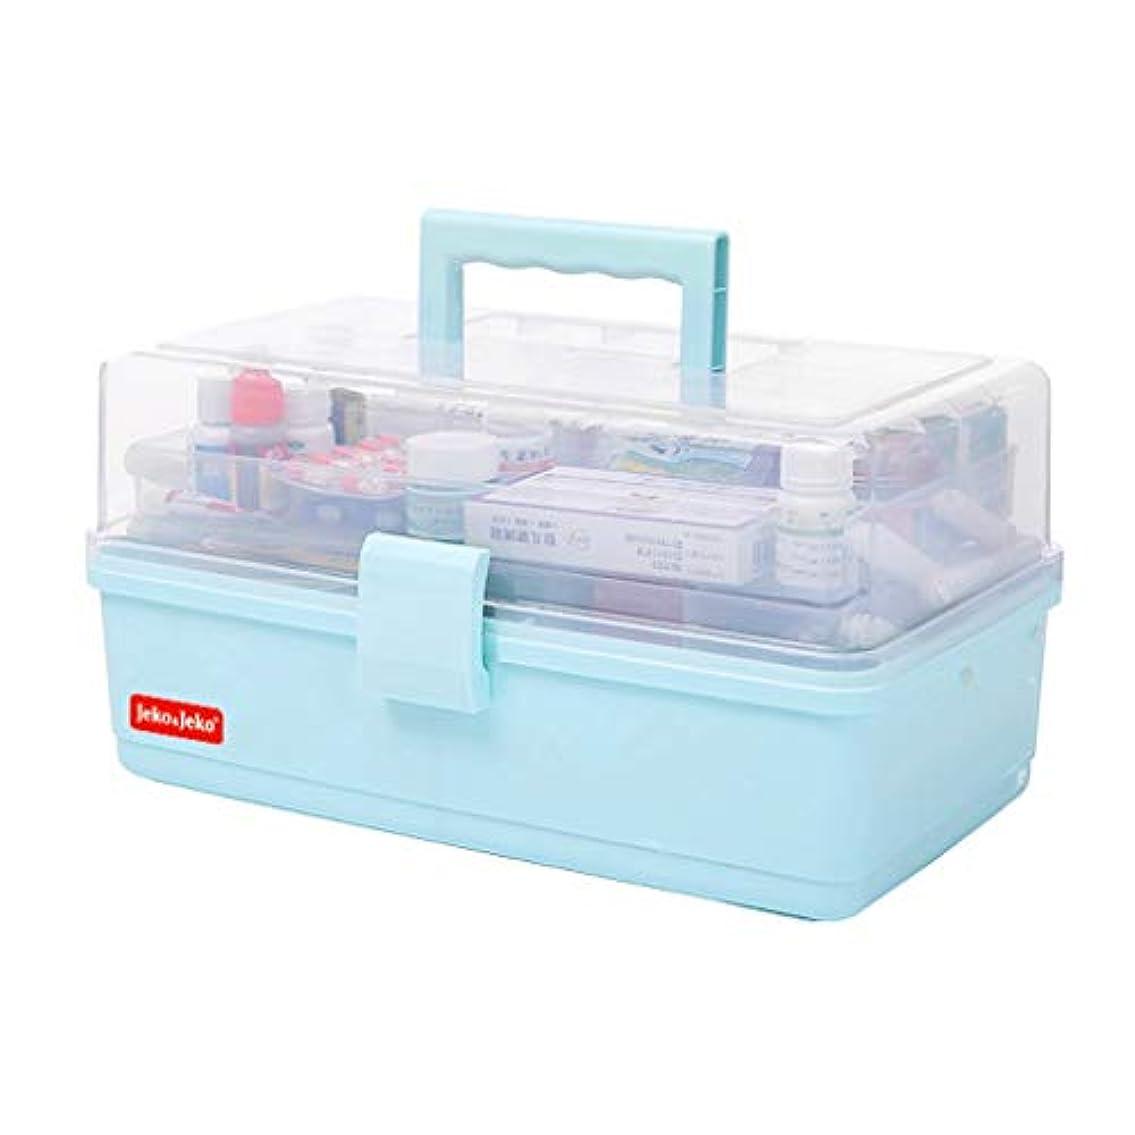 男らしさ男らしさエンドテーブルピルボックスPP 34 * 17.5 * 20 cm家庭用薬ボックス薬収納ボックス (色 : 青)